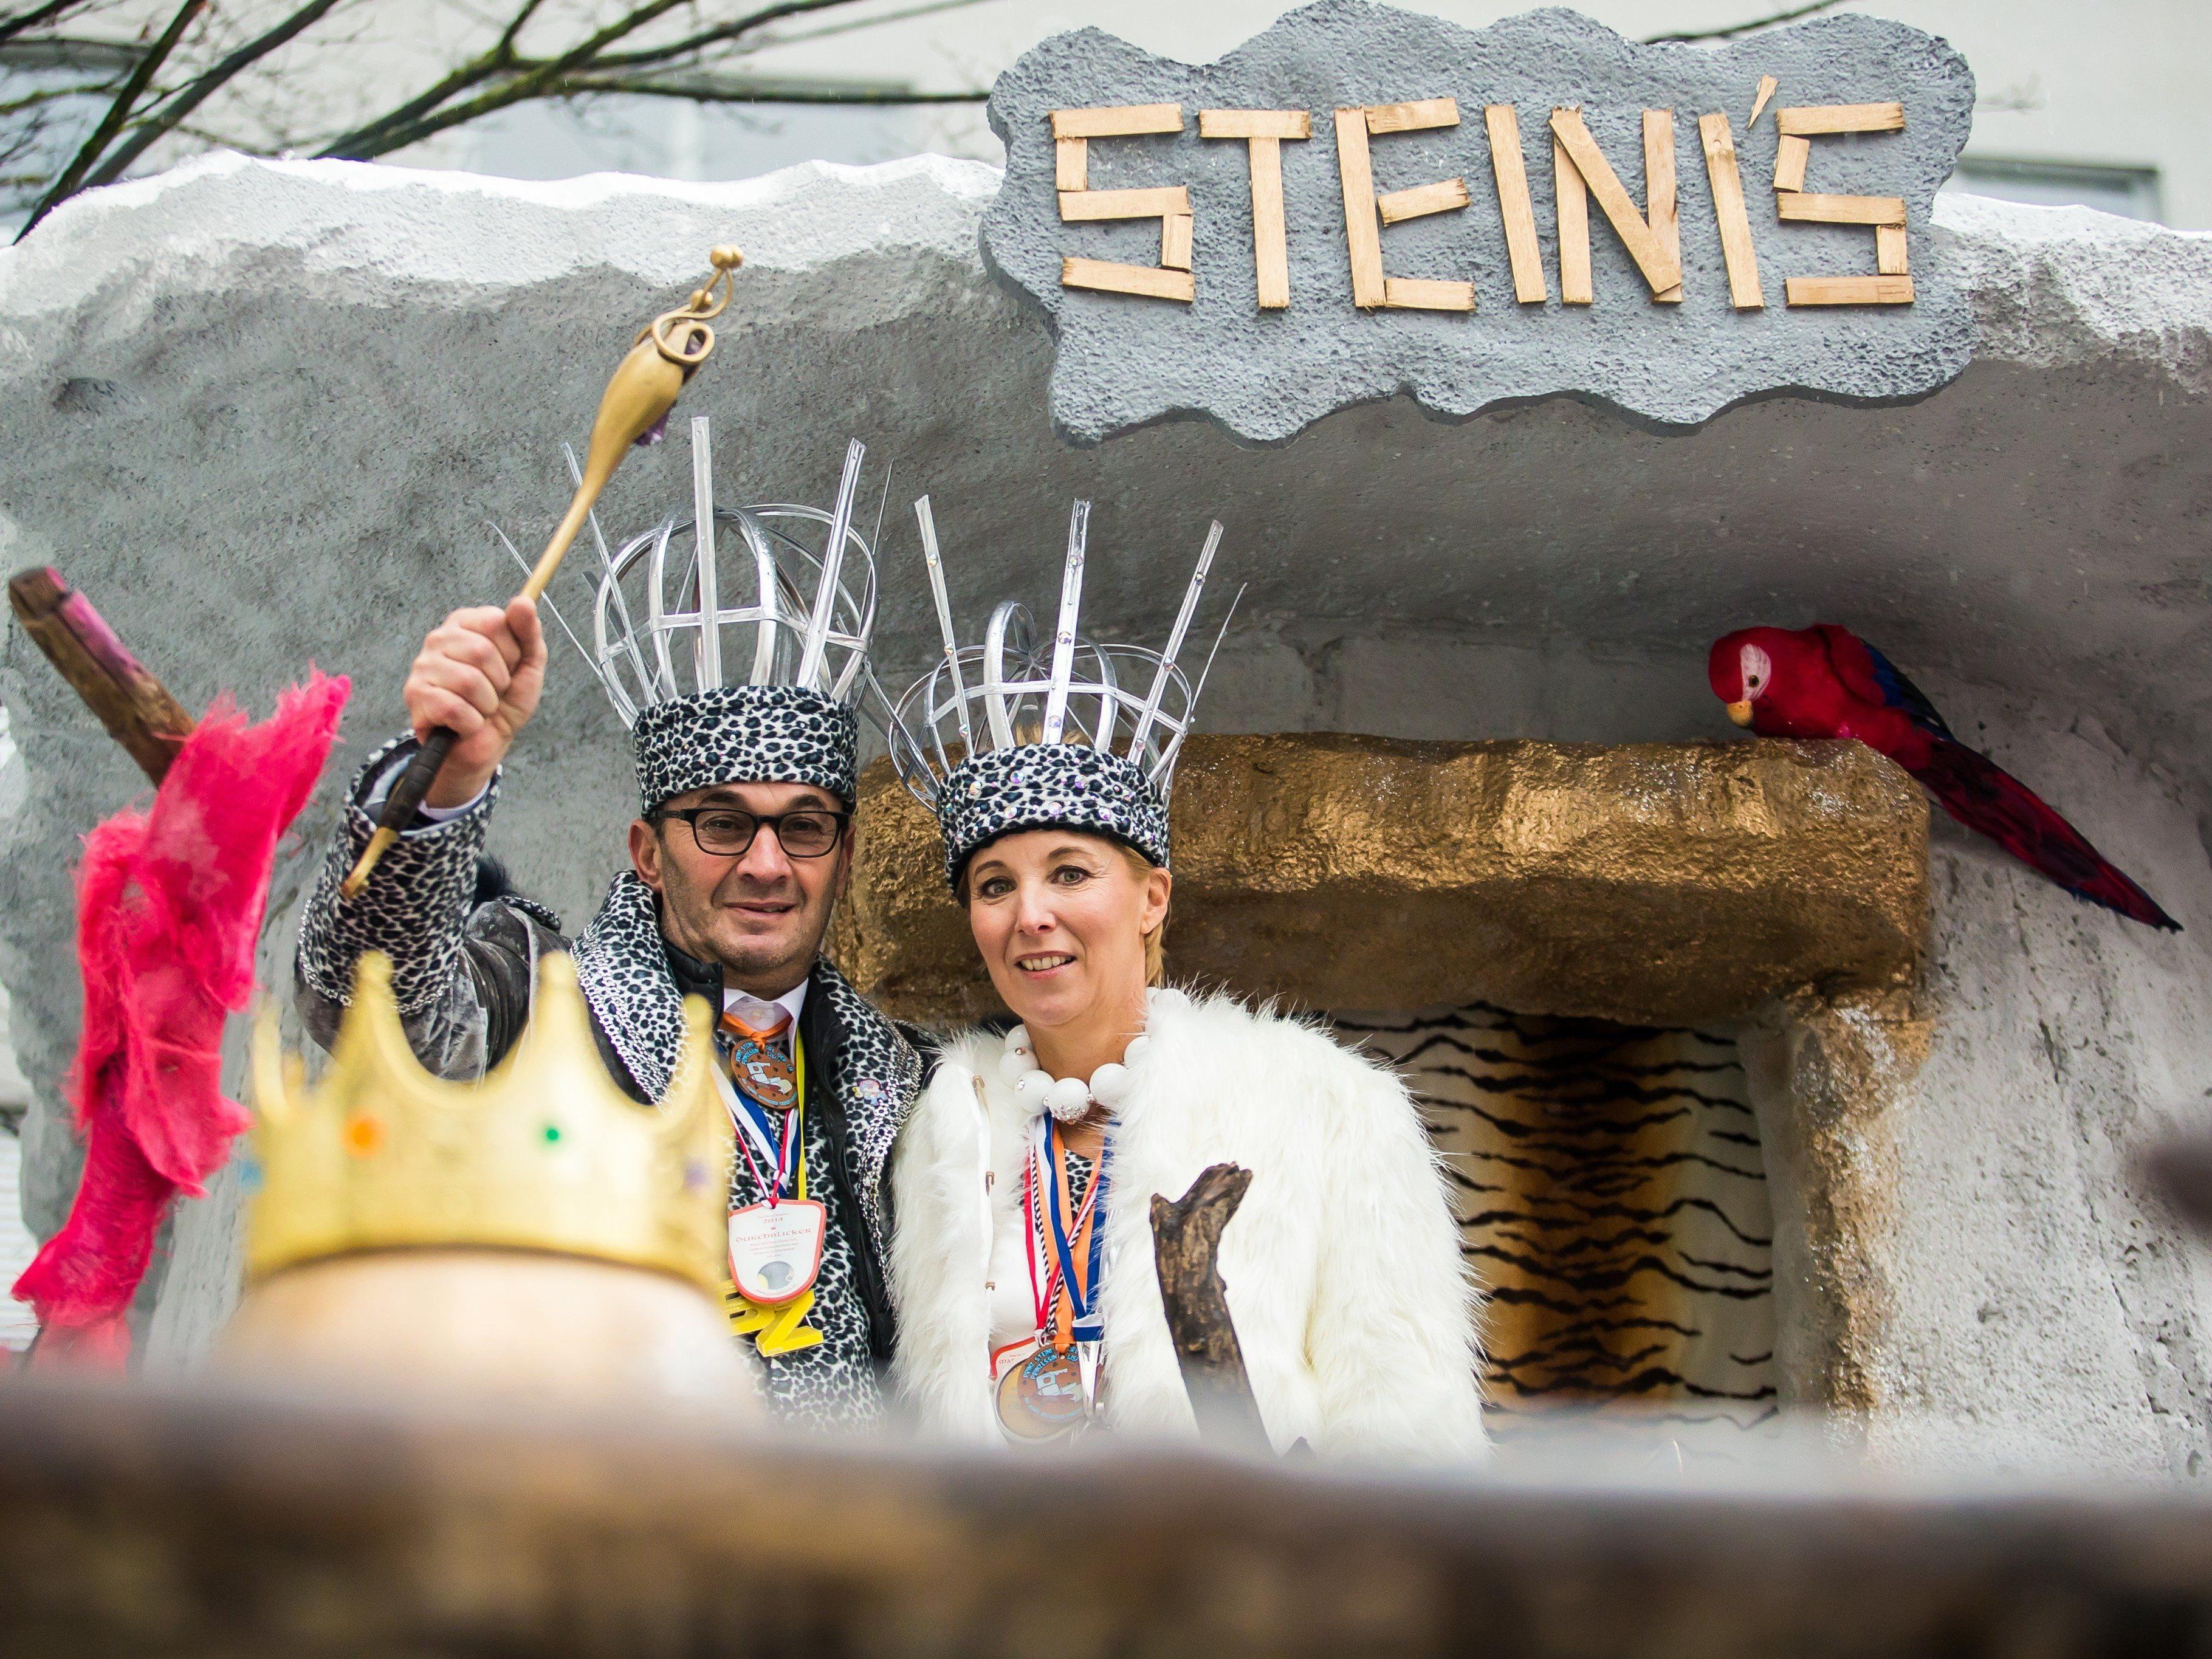 Prinz Steini I. und Prinzessin Lisi I. übernehmen am gumpiga Donnerstag die Landeshauptstadt Bregenz.